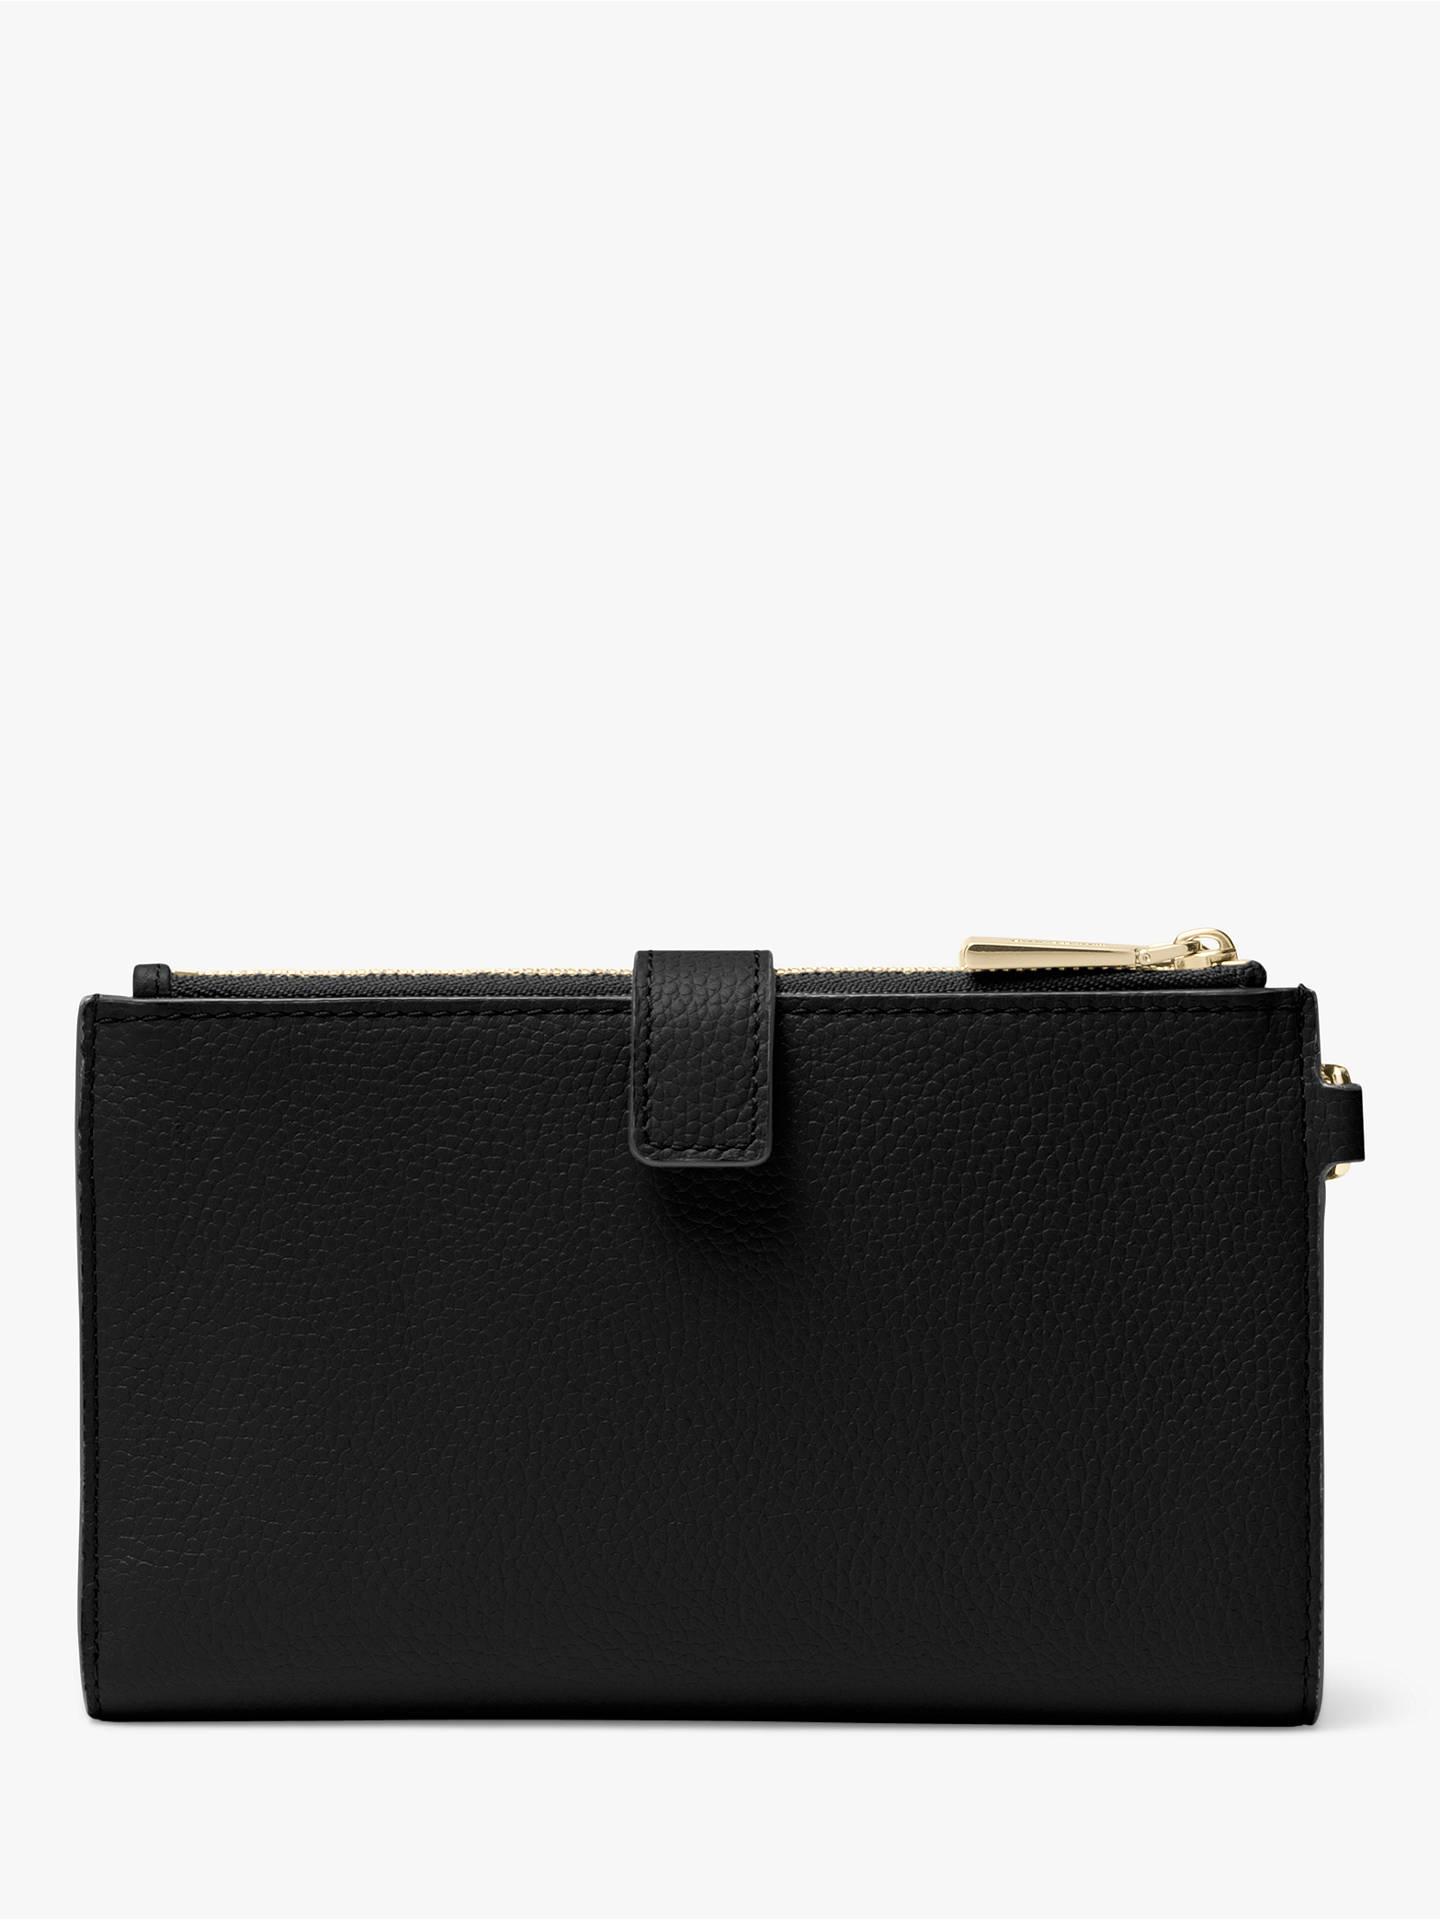 3198dc7c3379 MICHAEL Michael Kors Pouches   Clutches Leather Wristlet Purse at ...